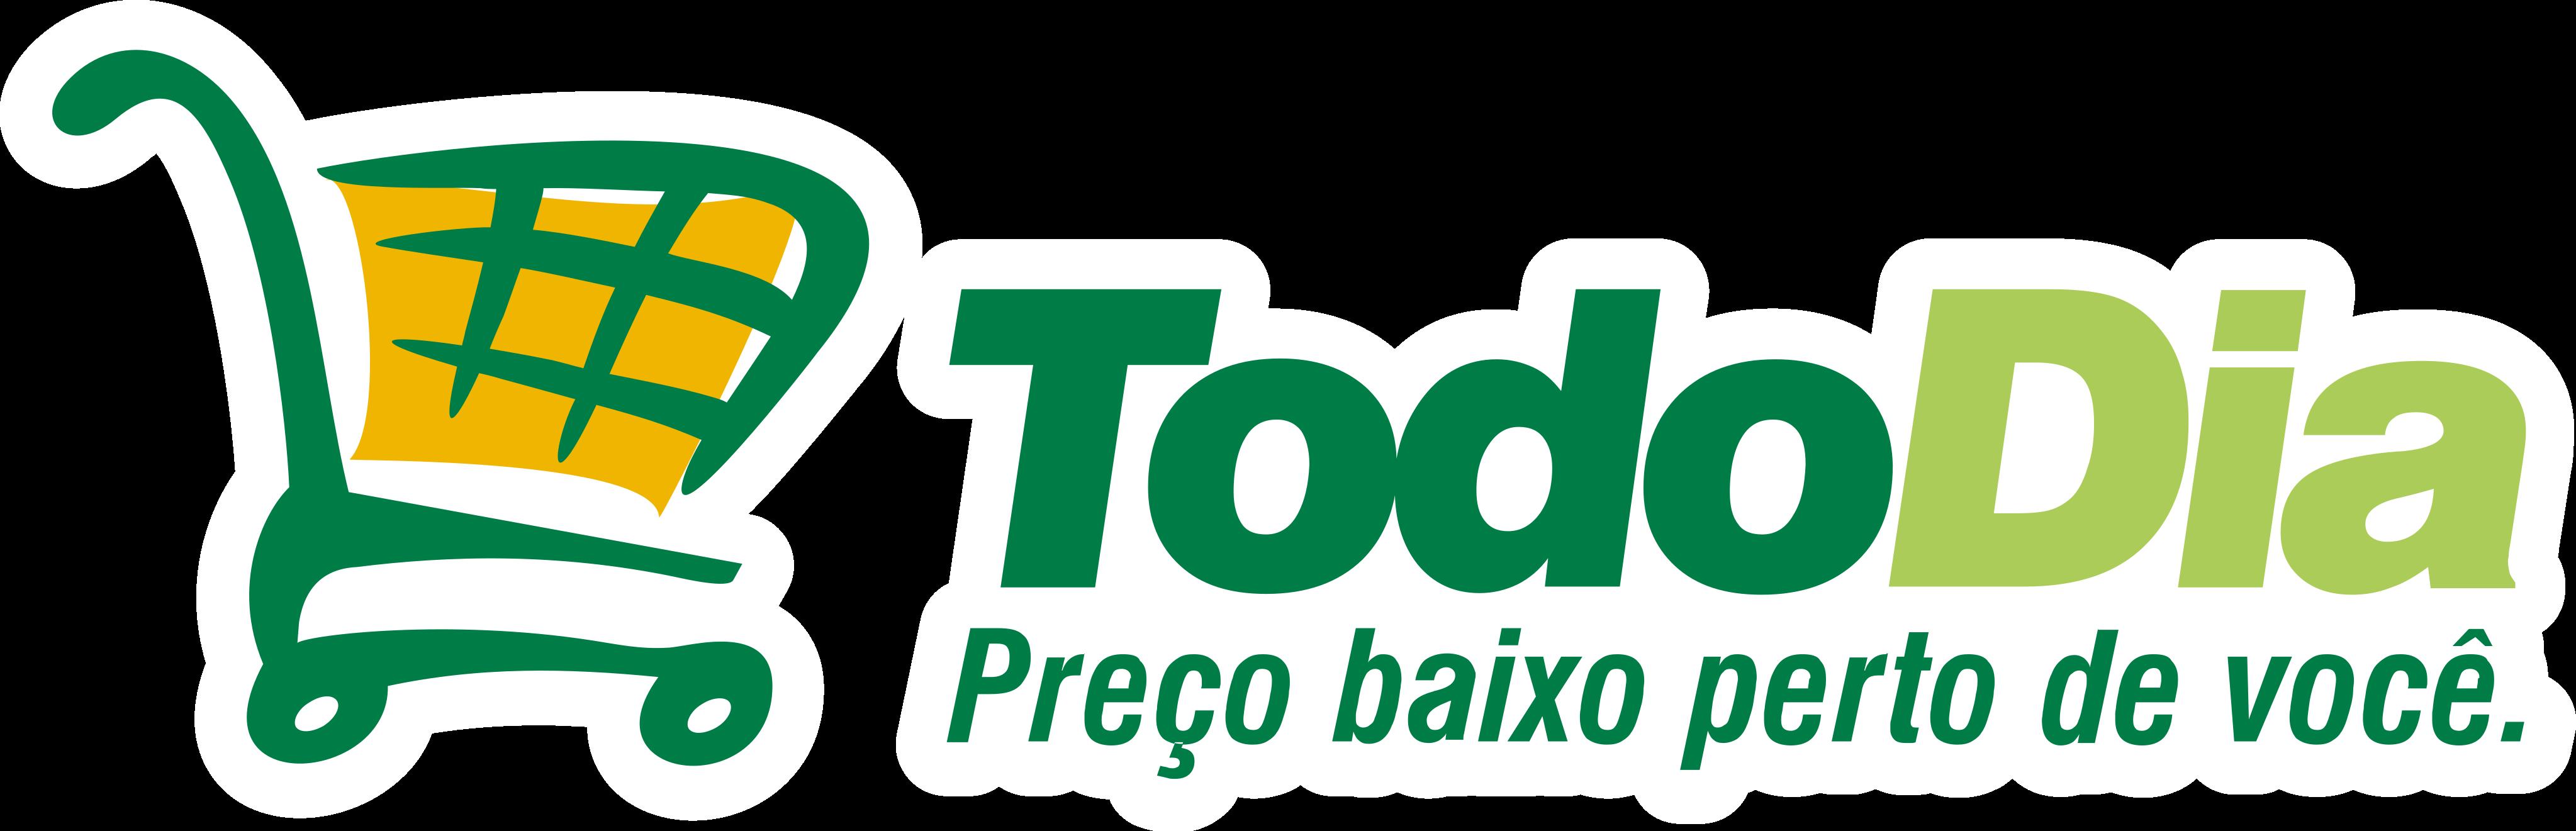 Mercado Todo Dia Logo.